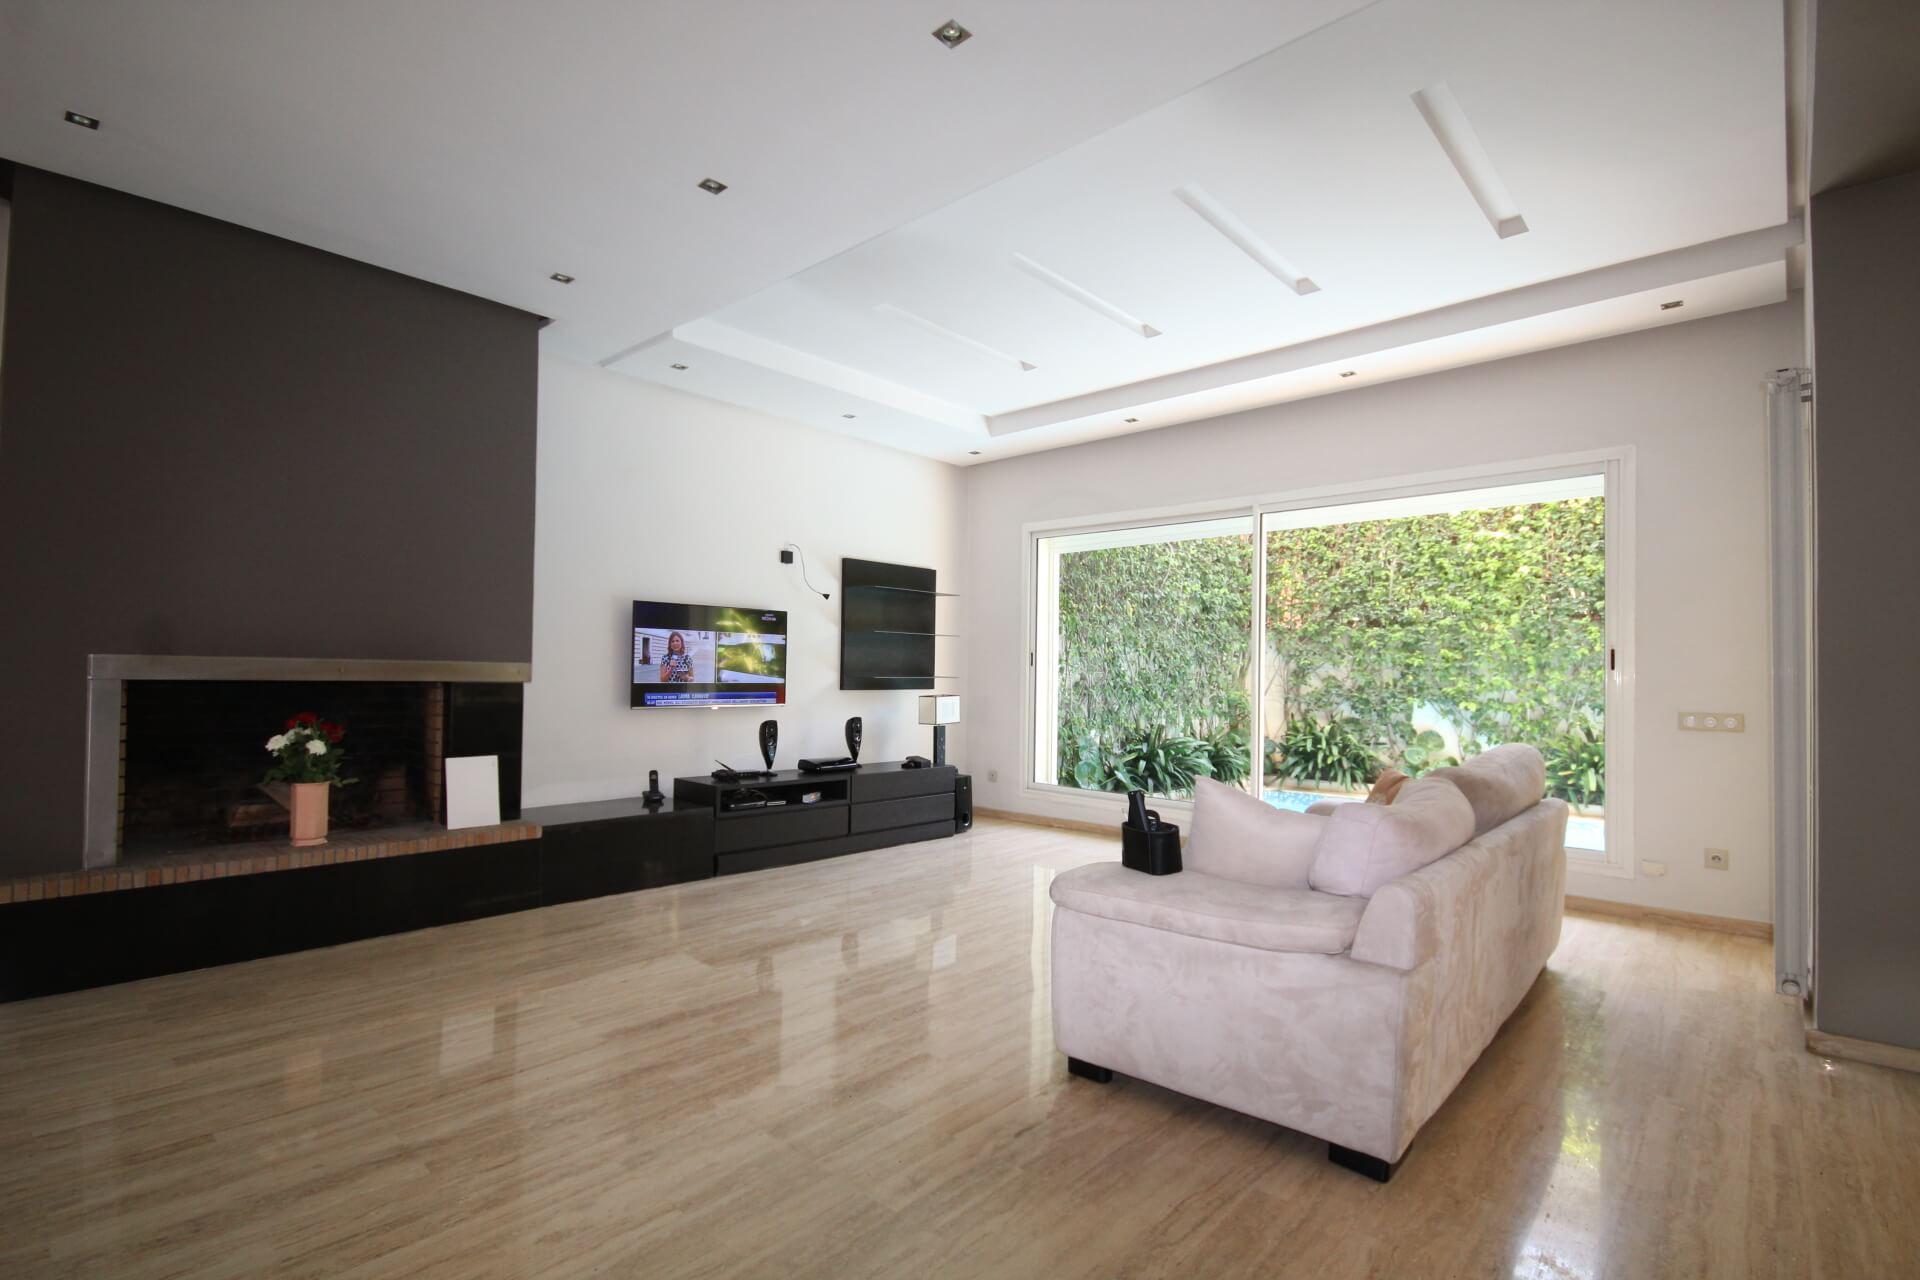 Villa de 5 chambres à vendre vide ou meublée sur Terrain 371 m² surface habitable 400 m²